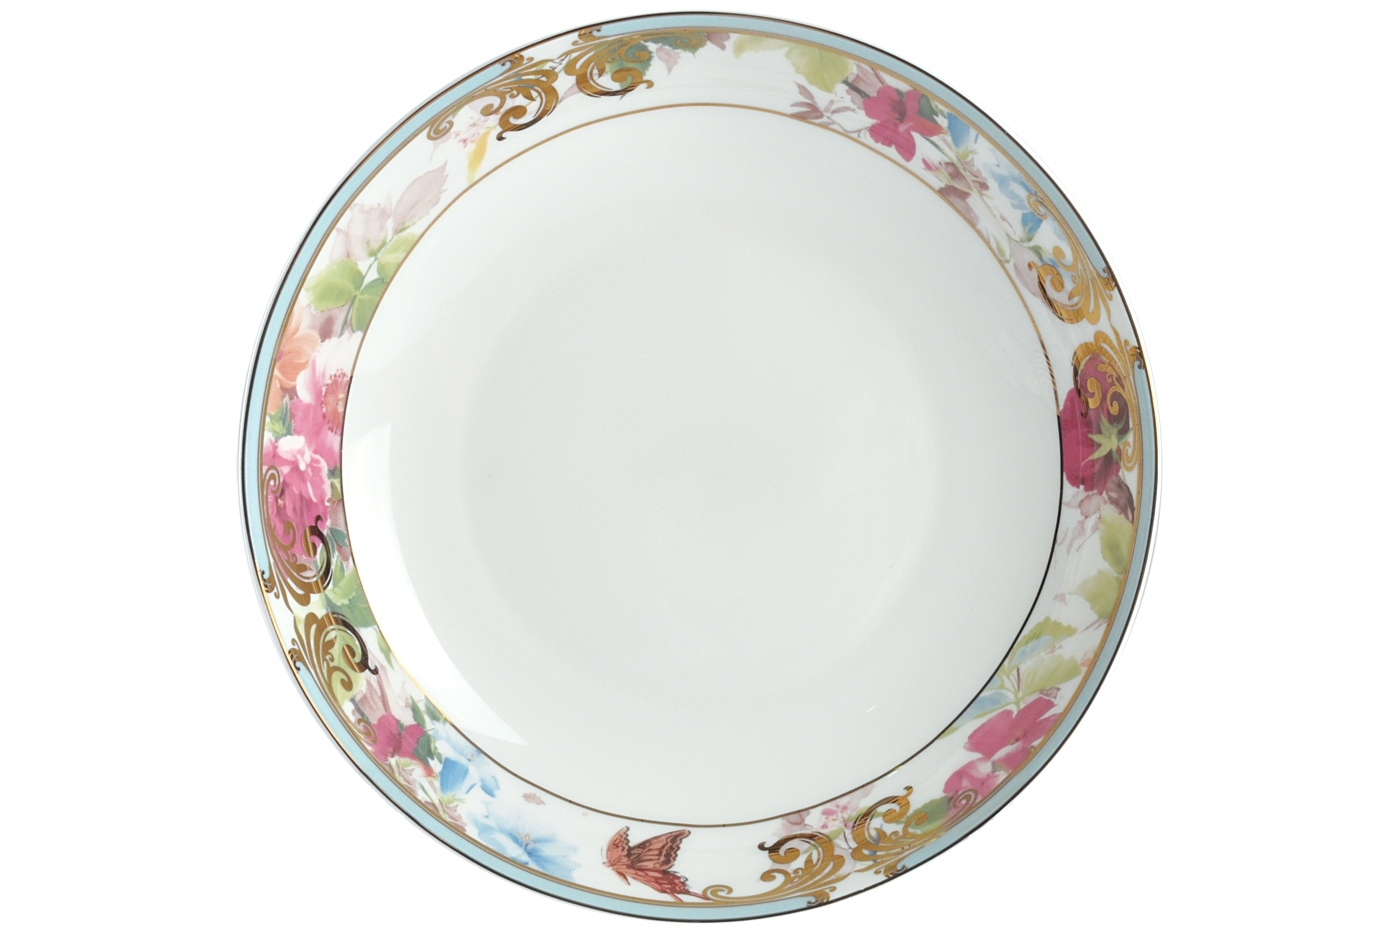 Набор из 6 тарелок суповых Royal Aurel Цветущий сад (20см) арт.725Наборы тарелок<br>Набор из 6 тарелок суповых Royal Aurel Цветущий сад (20см) арт.725<br>Производить посуду из фарфора начали в Китае на стыке 6-7 веков. Неустанно совершенствуя и селективно отбирая сырье для производства посуды из фарфора, мастерам удалось добиться выдающихся характеристик фарфора: белизны и тонкостенности. В XV веке появился особый интерес к китайской фарфоровой посуде, так как в это время Европе возникла мода на самобытные китайские вещи. Роскошный китайский фарфор являлся изыском и был в новинку, поэтому он выступал в качестве подарка королям, а также знатным людям. Такой дорогой подарок был очень престижен и по праву являлся элитной посудой. Как известно из многочисленных исторических документов, в Европе китайские изделия из фарфора ценились практически как золото. <br>Проверка изделий из костяного фарфора на подлинность <br>По сравнению с производством других видов фарфора процесс производства изделий из настоящего костяного фарфора сложен и весьма длителен. Посуда из изящного фарфора - это элитная посуда, которая всегда ассоциируется с богатством, величием и благородством. Несмотря на небольшую толщину, фарфоровая посуда - это очень прочное изделие. Для демонстрации плотности и прочности фарфора можно легко коснуться предметов посуды из фарфора деревянной палочкой, и тогда мы услушим характерный металлический звон. В составе фарфоровой посуды присутствует костяная зола, благодаря чему она может быть намного тоньше (не более 2,5 мм) и легче твердого или мягкого фарфора. Безупречная белизна - ключевой признак отличия такого фарфора от других. Цвет обычного фарфора сероватый или ближе к голубоватому, а костяной фарфор будет всегда будет молочно-белого цвета. Характерная и немаловажная деталь - это невесомая прозрачность изделий из фарфора такая, что сквозь него проходит свет.<br>